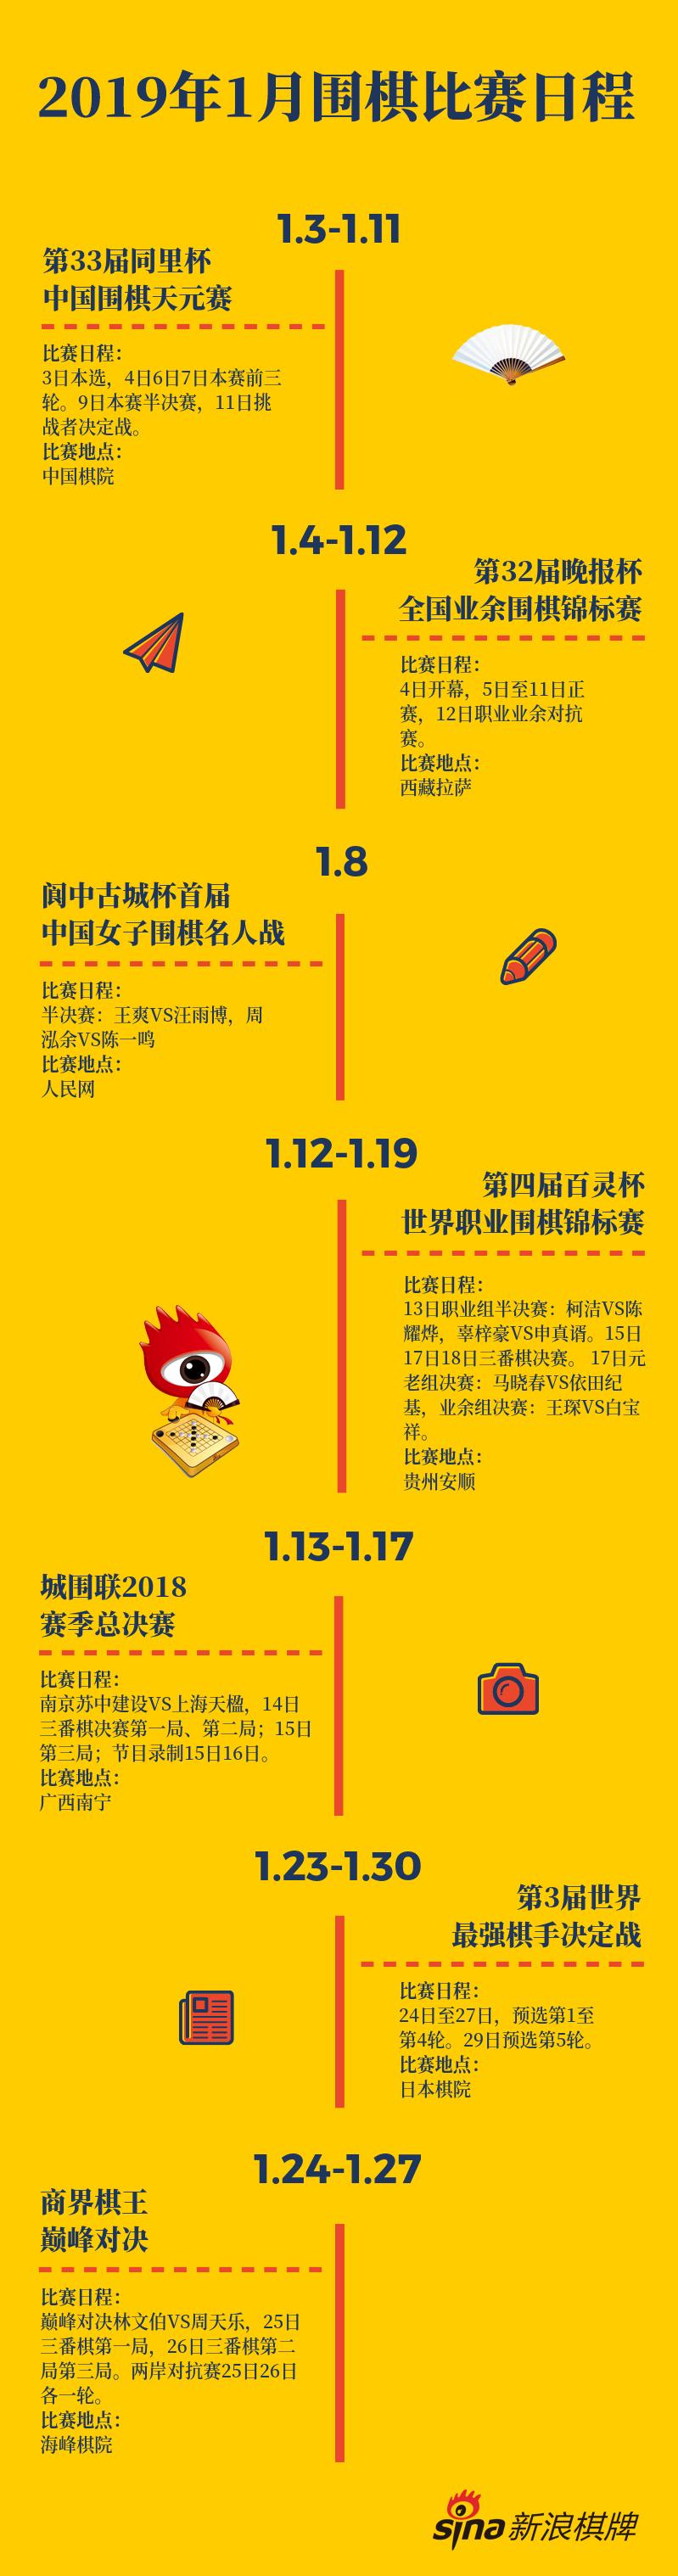 2019年1月围棋比赛日程